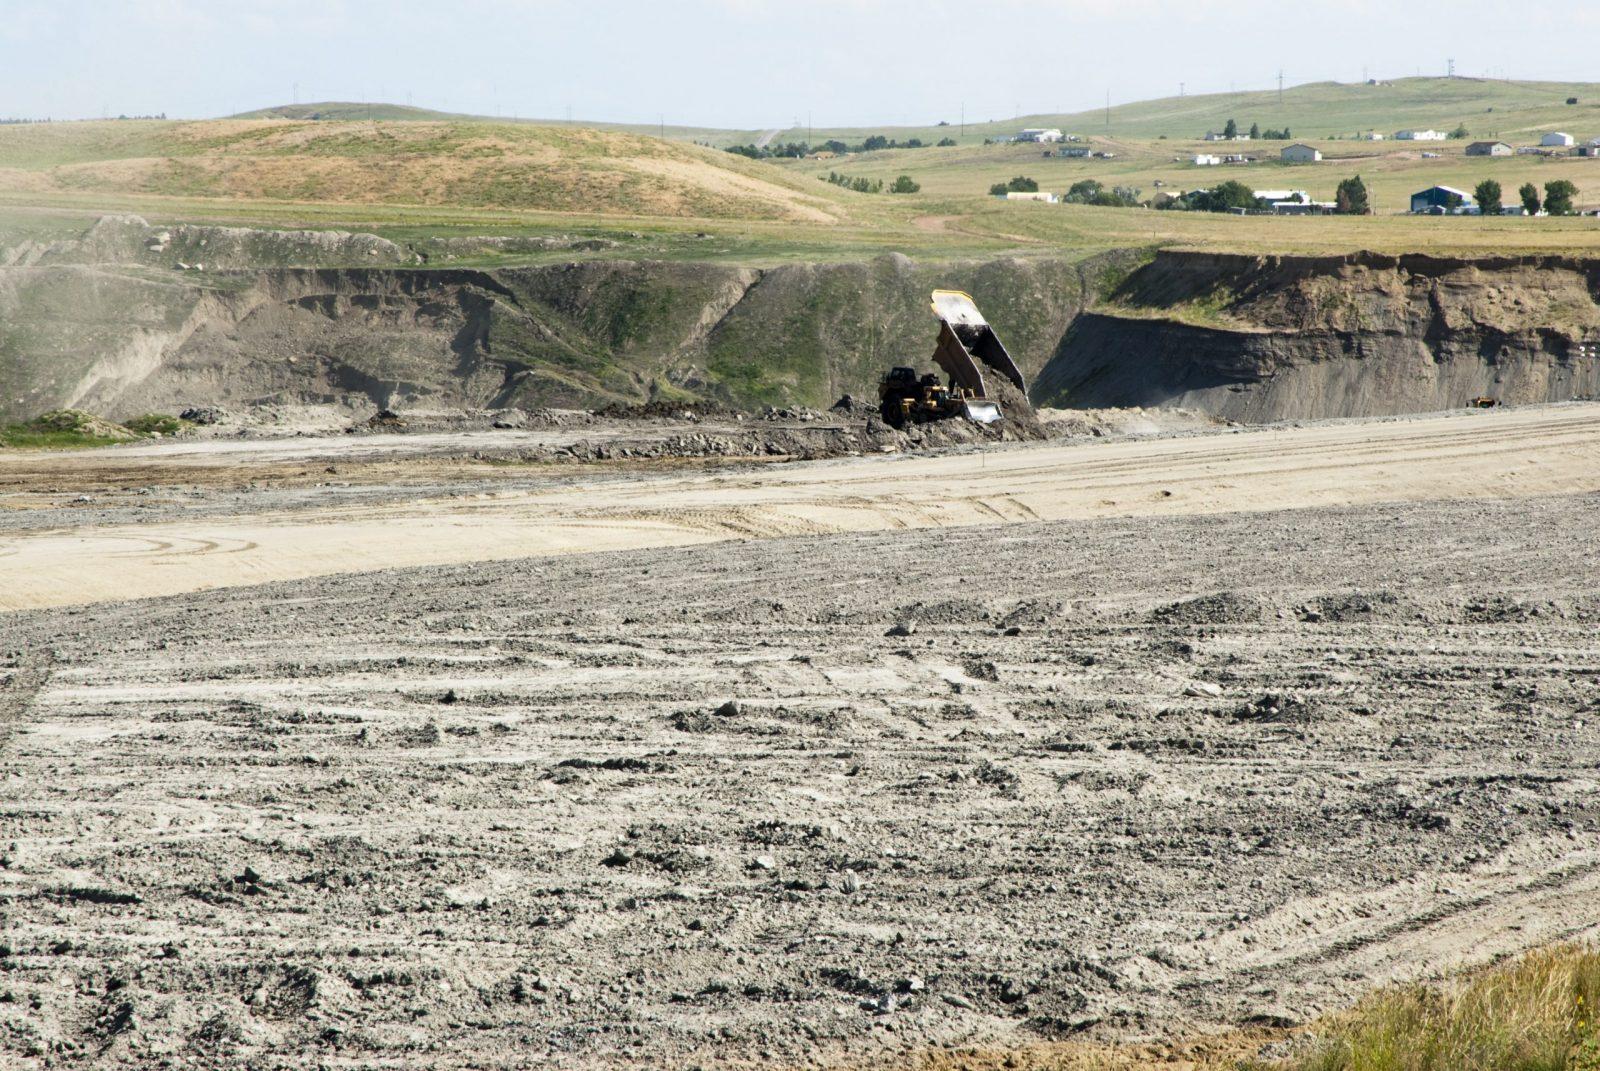 ¿Cuáles son las ventajas de realizar un proyecto de restauración ecológica en proyectos mineros?